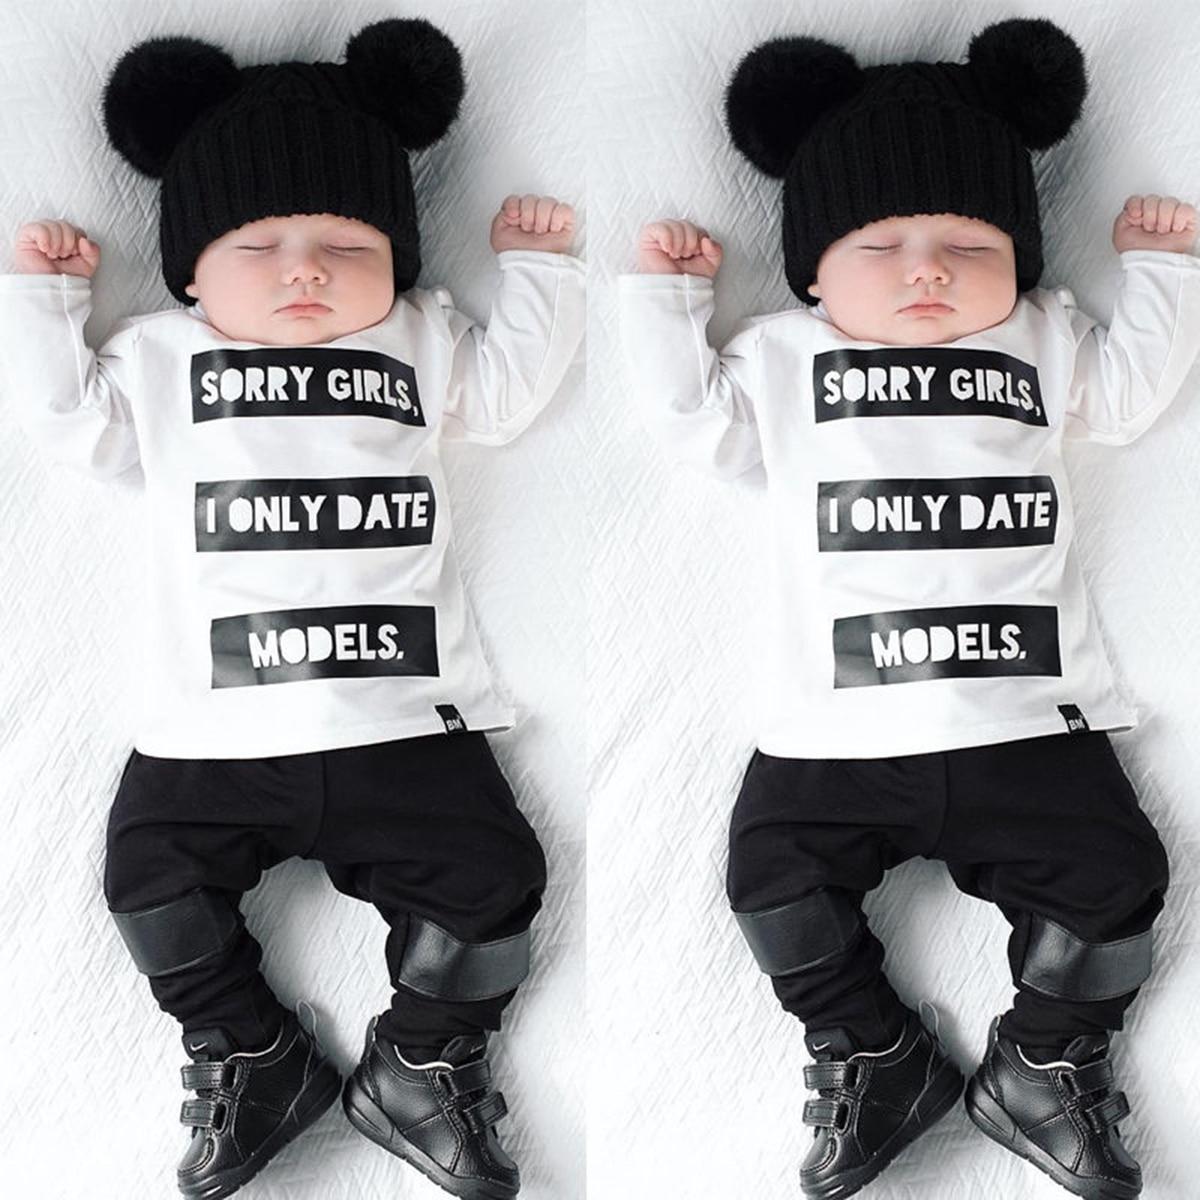 b6bbf68966 2 unids Infantil Del Bebé Infantil Chicos de Manga Larga camiseta Tops  Pantalones Lo Siento Chicas